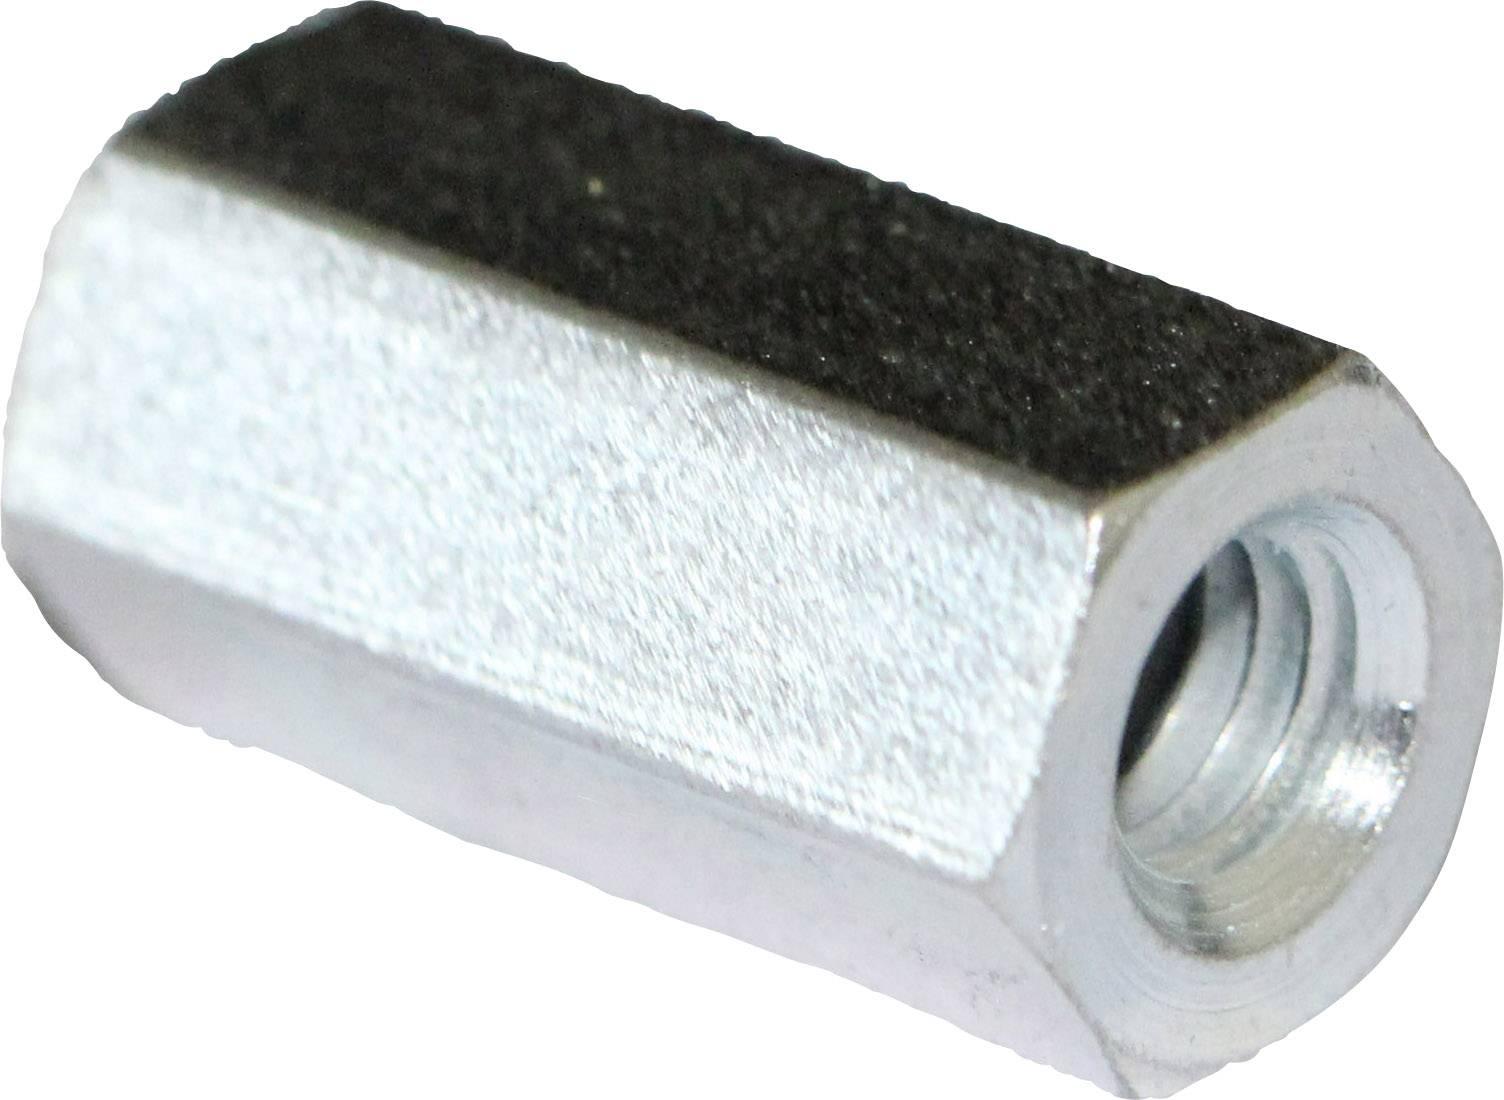 Stahl verzinkt | Sechskant Gr/ö/ße M16 x L/änge 48mm 5 St/ück QUALIT/ÄTS VERBINDUNGSMUTTER